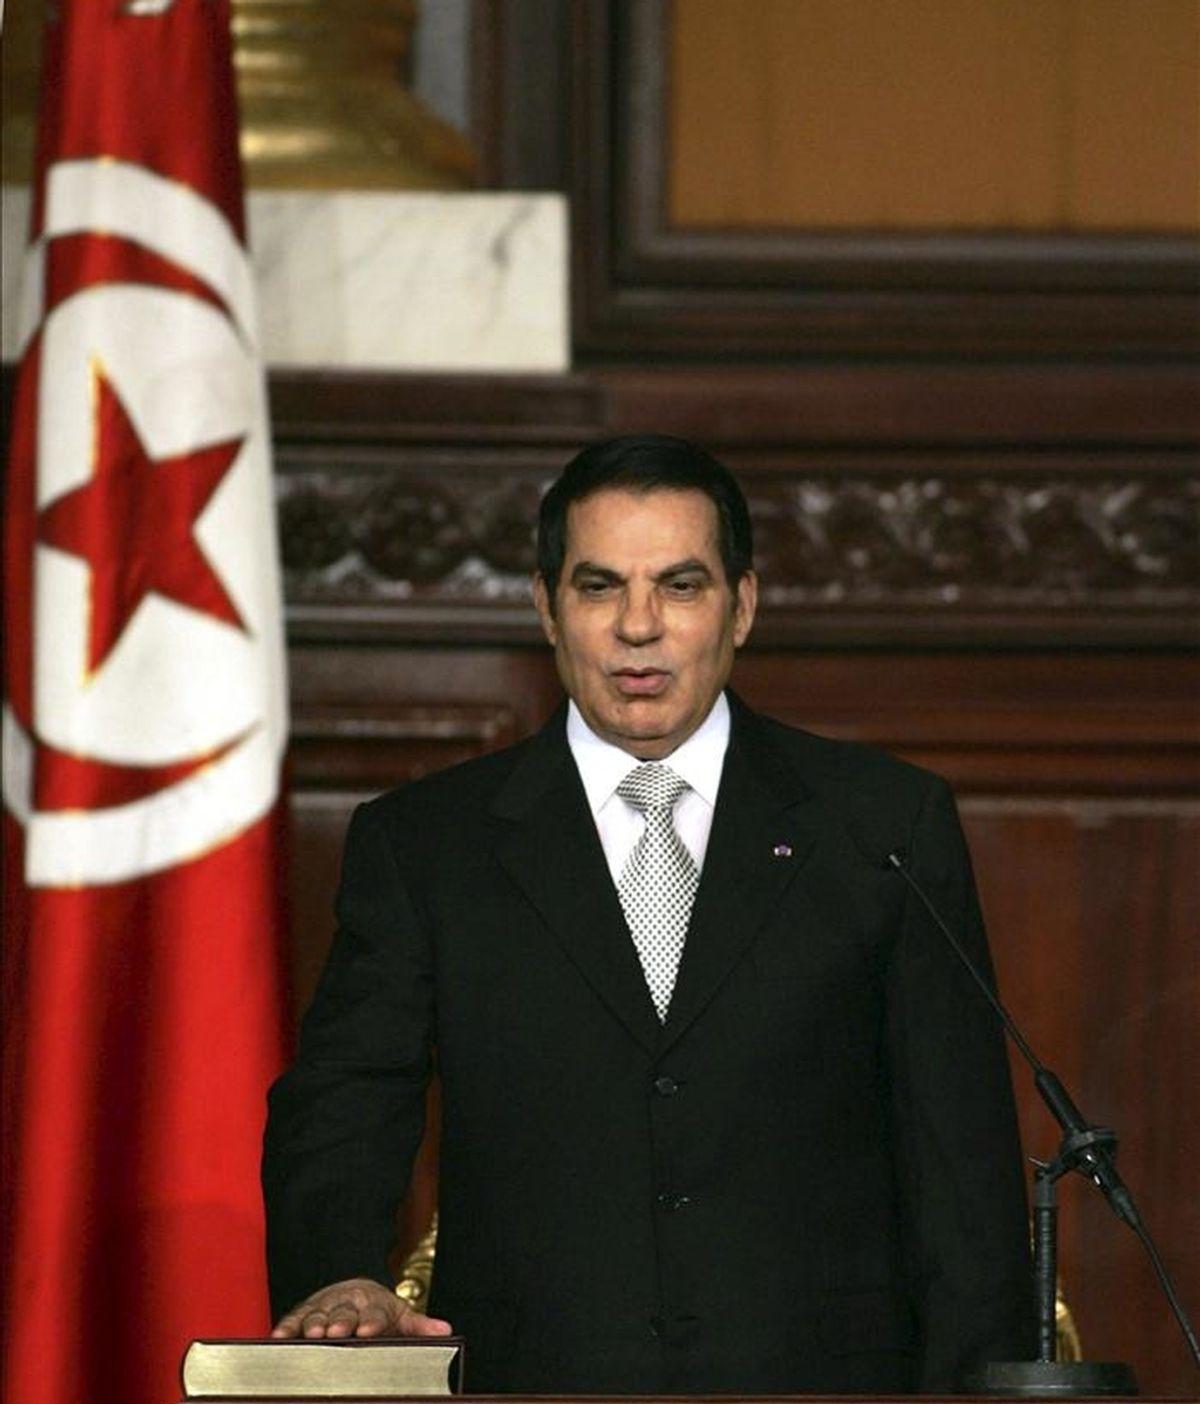 Fotografía de archivo del presidente tunecino, Zine el Abidine Ben Alí, jurando su cargo en la Asamblea Nacional en Túnez (Túnez). EFE/Archivo